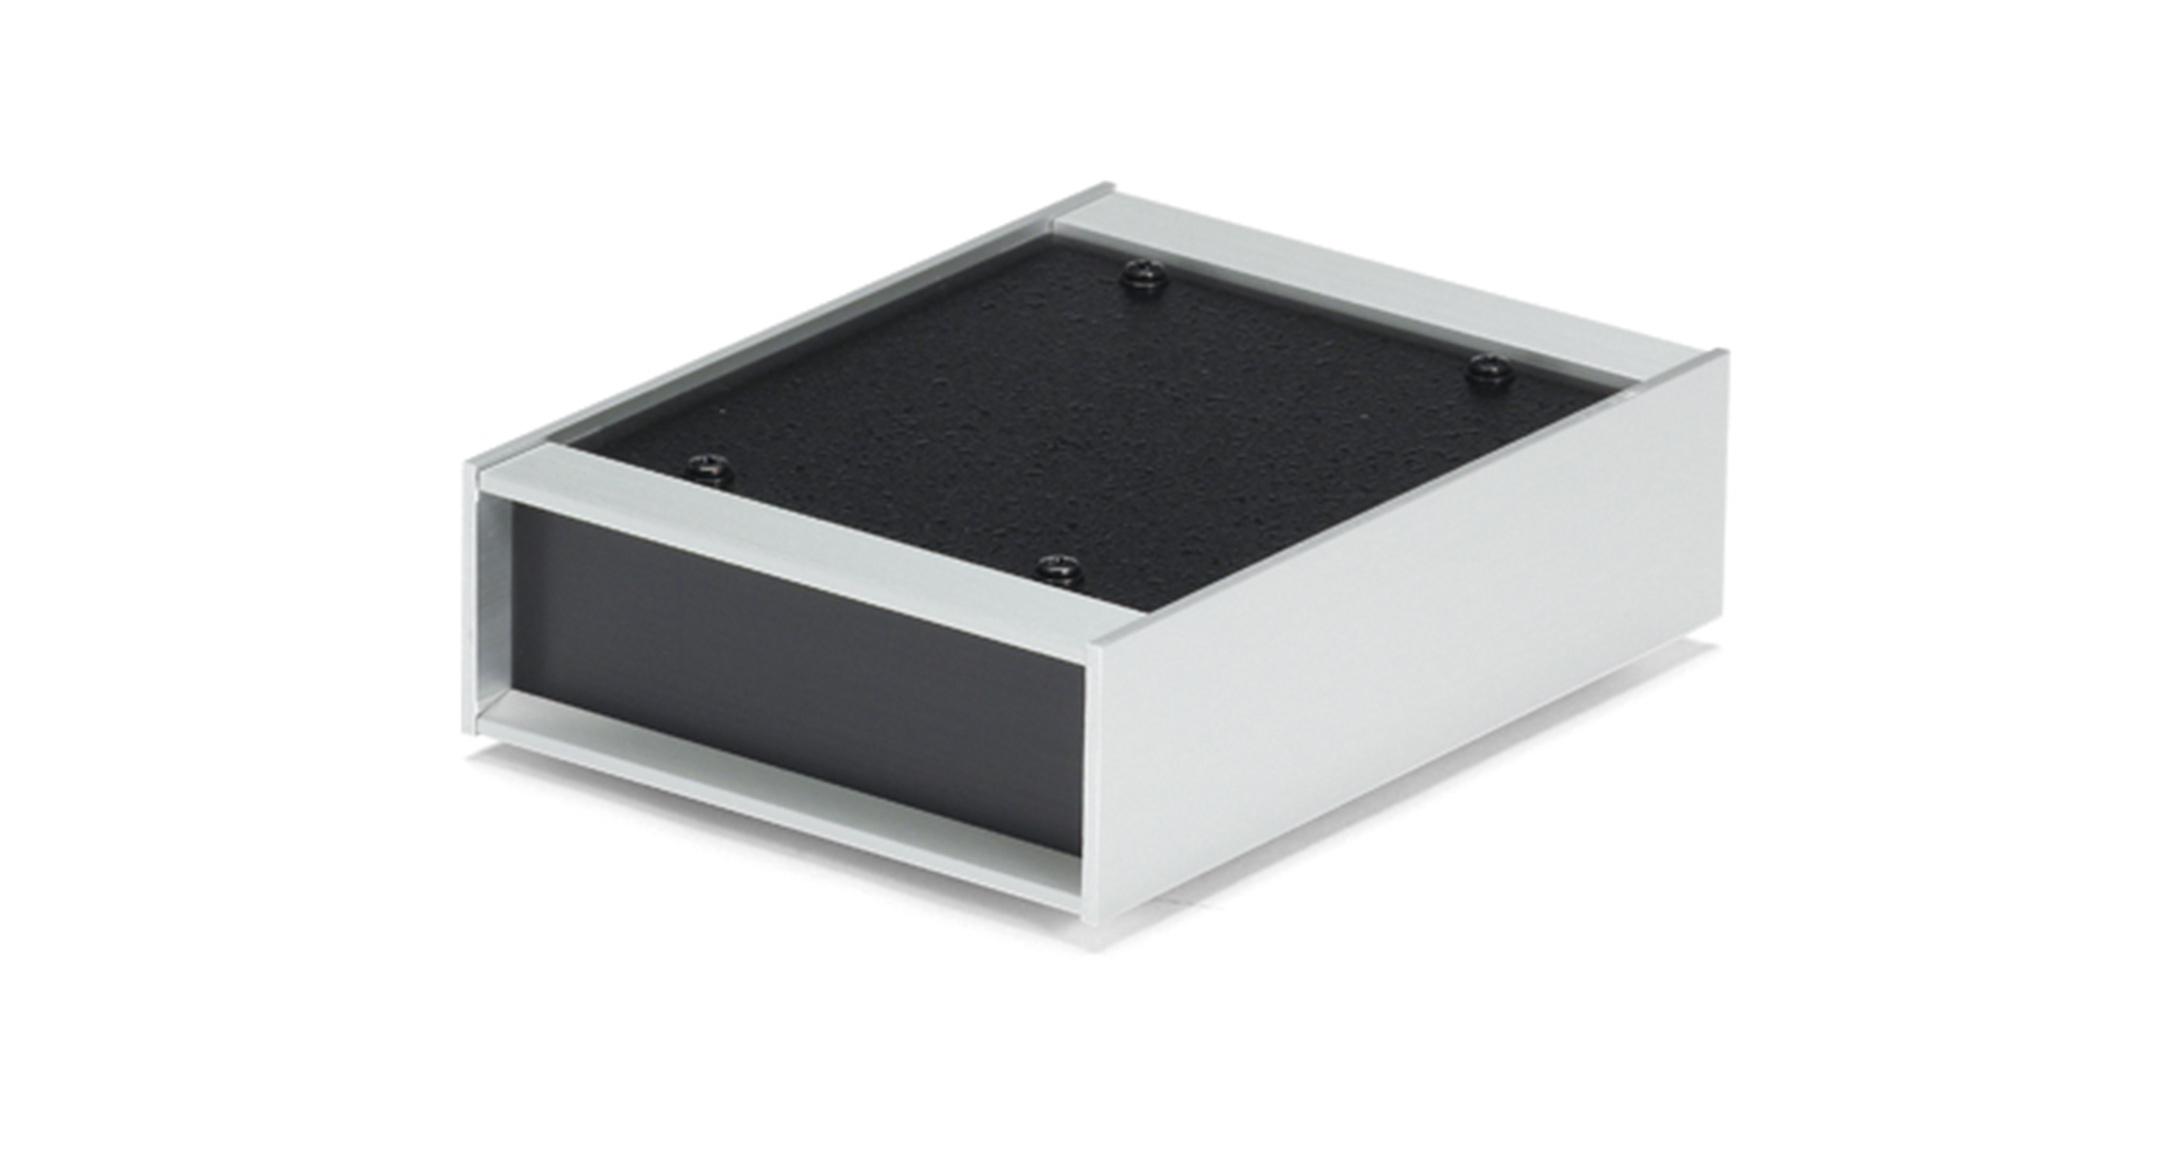 ラックケース SLシリーズ:側板シルバー/パネルブラックの画像